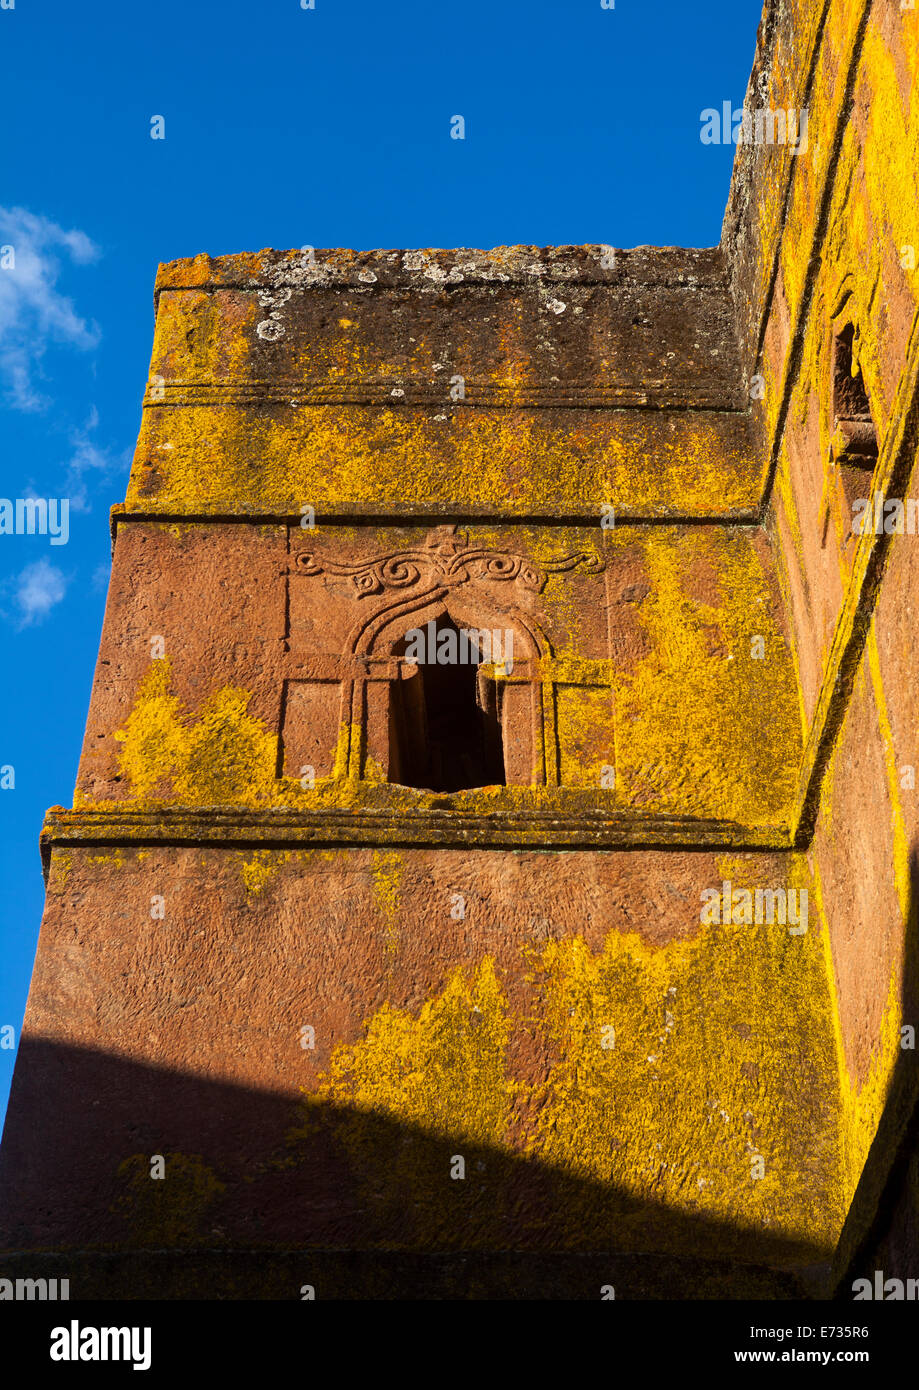 Rock-cut monolithique de l'Église Bete Giyorgis, Lalibela, Éthiopie Banque D'Images